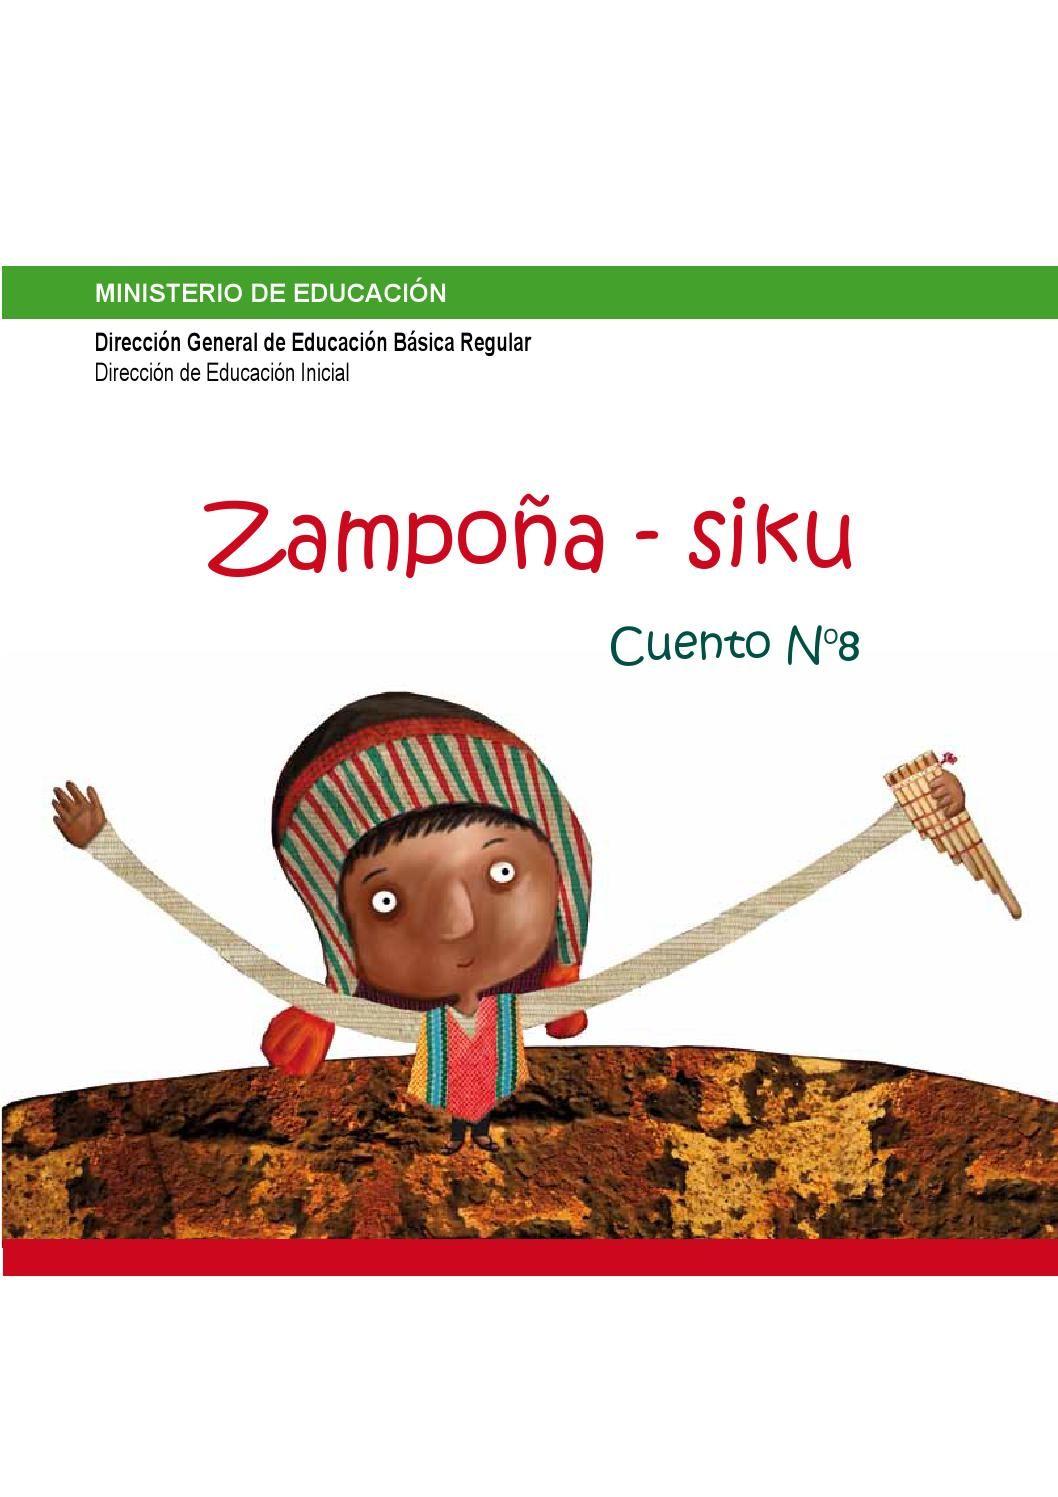 Zampona - siku | EBOOKS DE CUENTOS PARA EDUCACION PRIMARIA | Pinterest